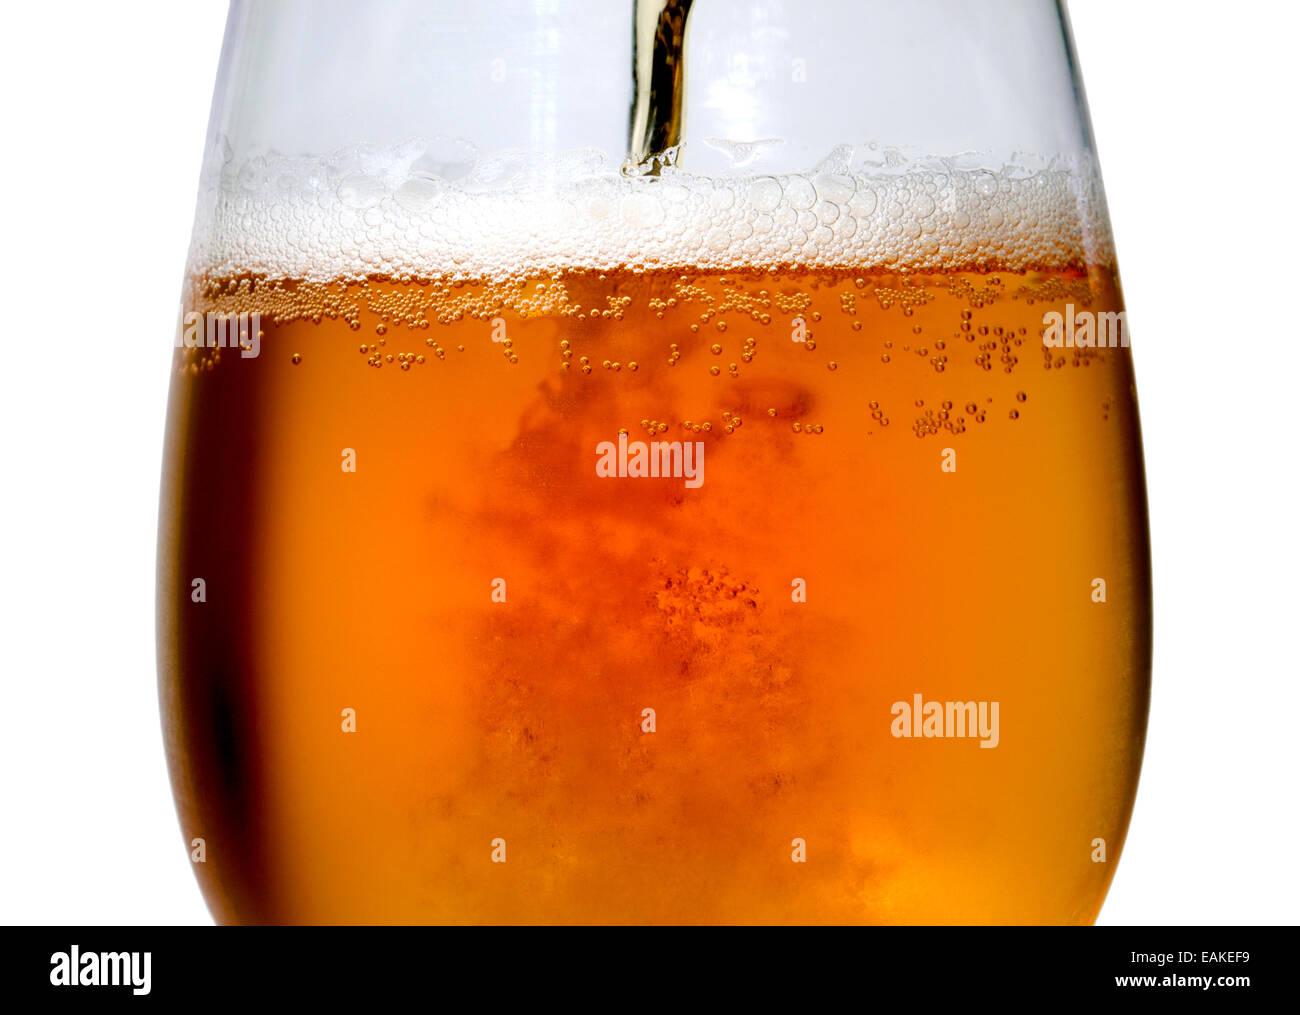 Bier wird in ein großes Glas gegossen Stockbild